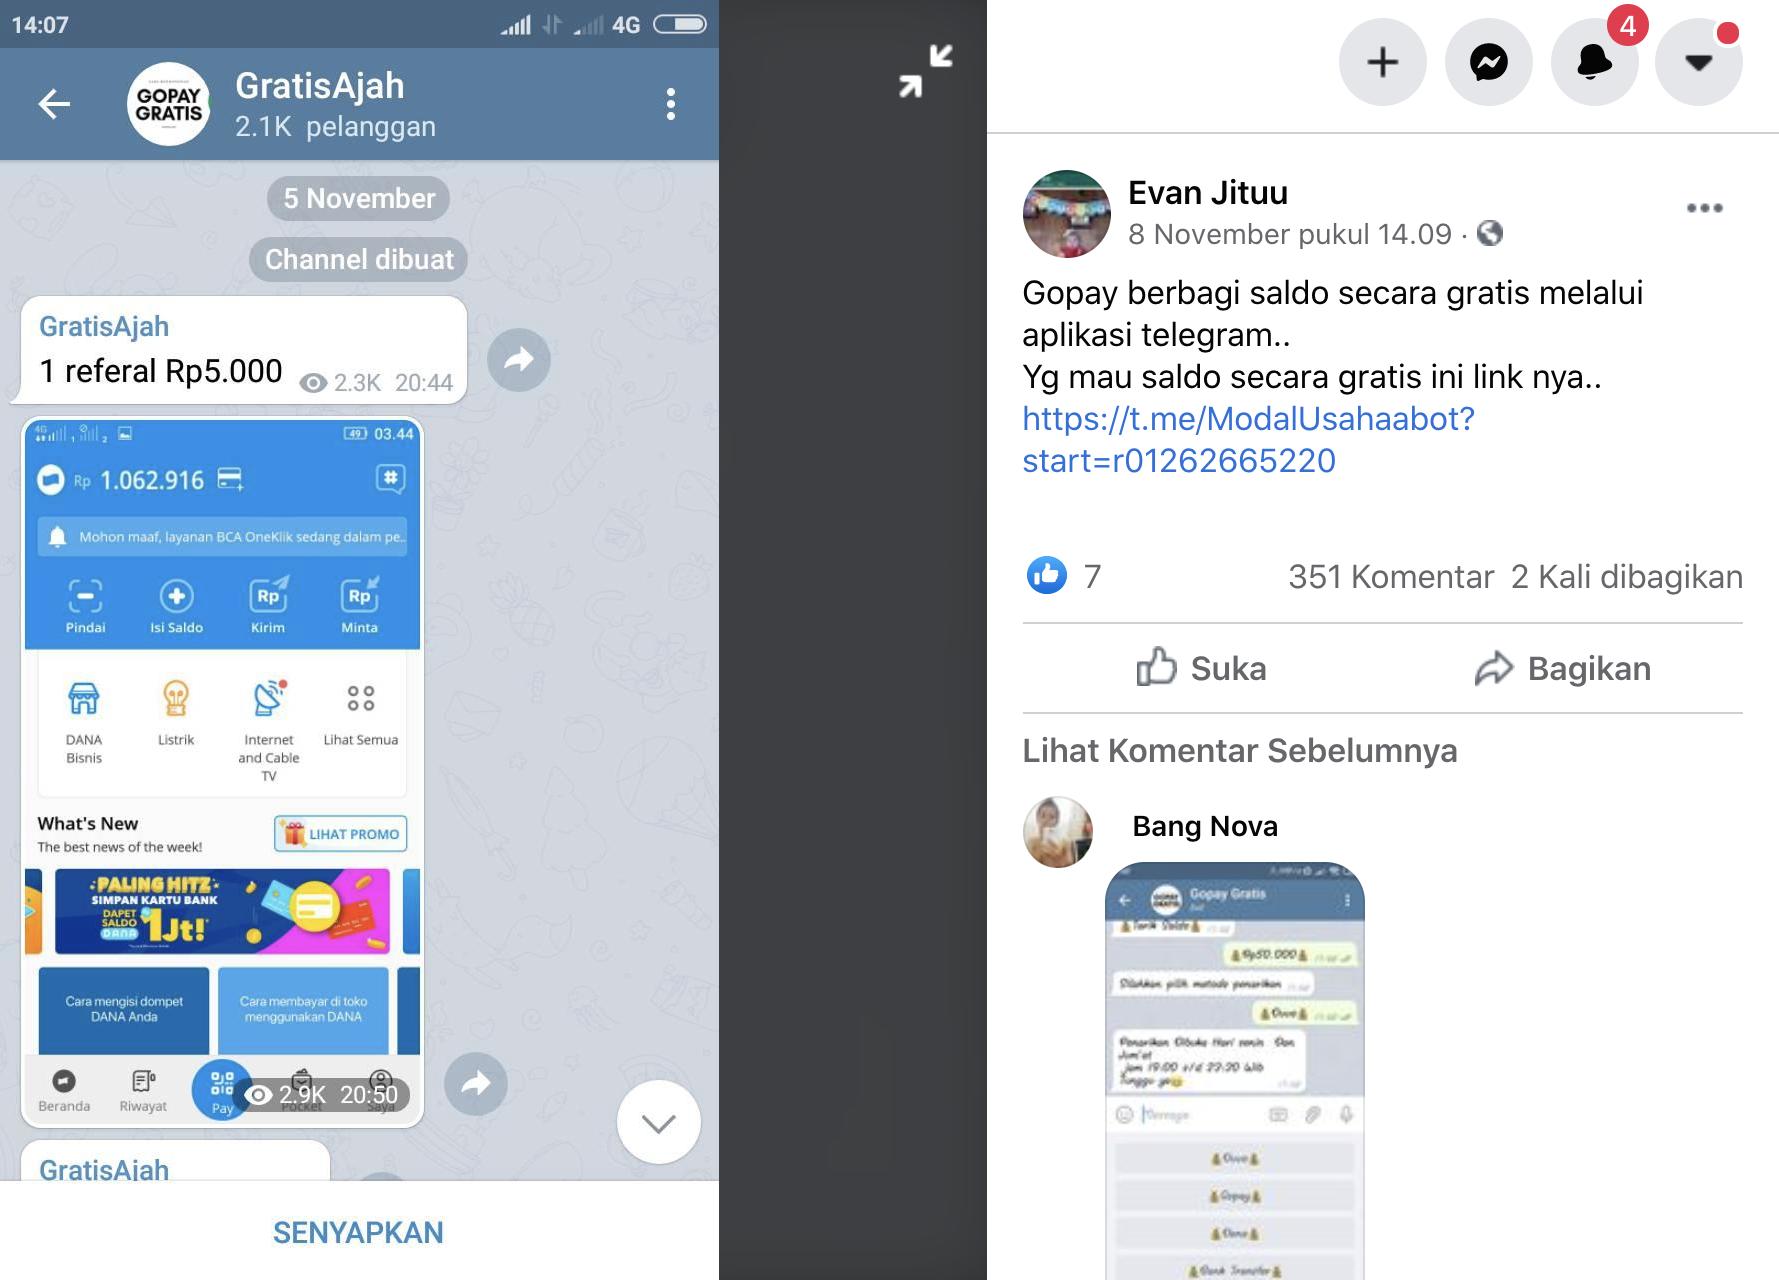 [Cek Fakta] Benarkah GoPay Bagi-Bagi Saldo Gratis Melalui Aplikasi Telegram? Cek Faktanya